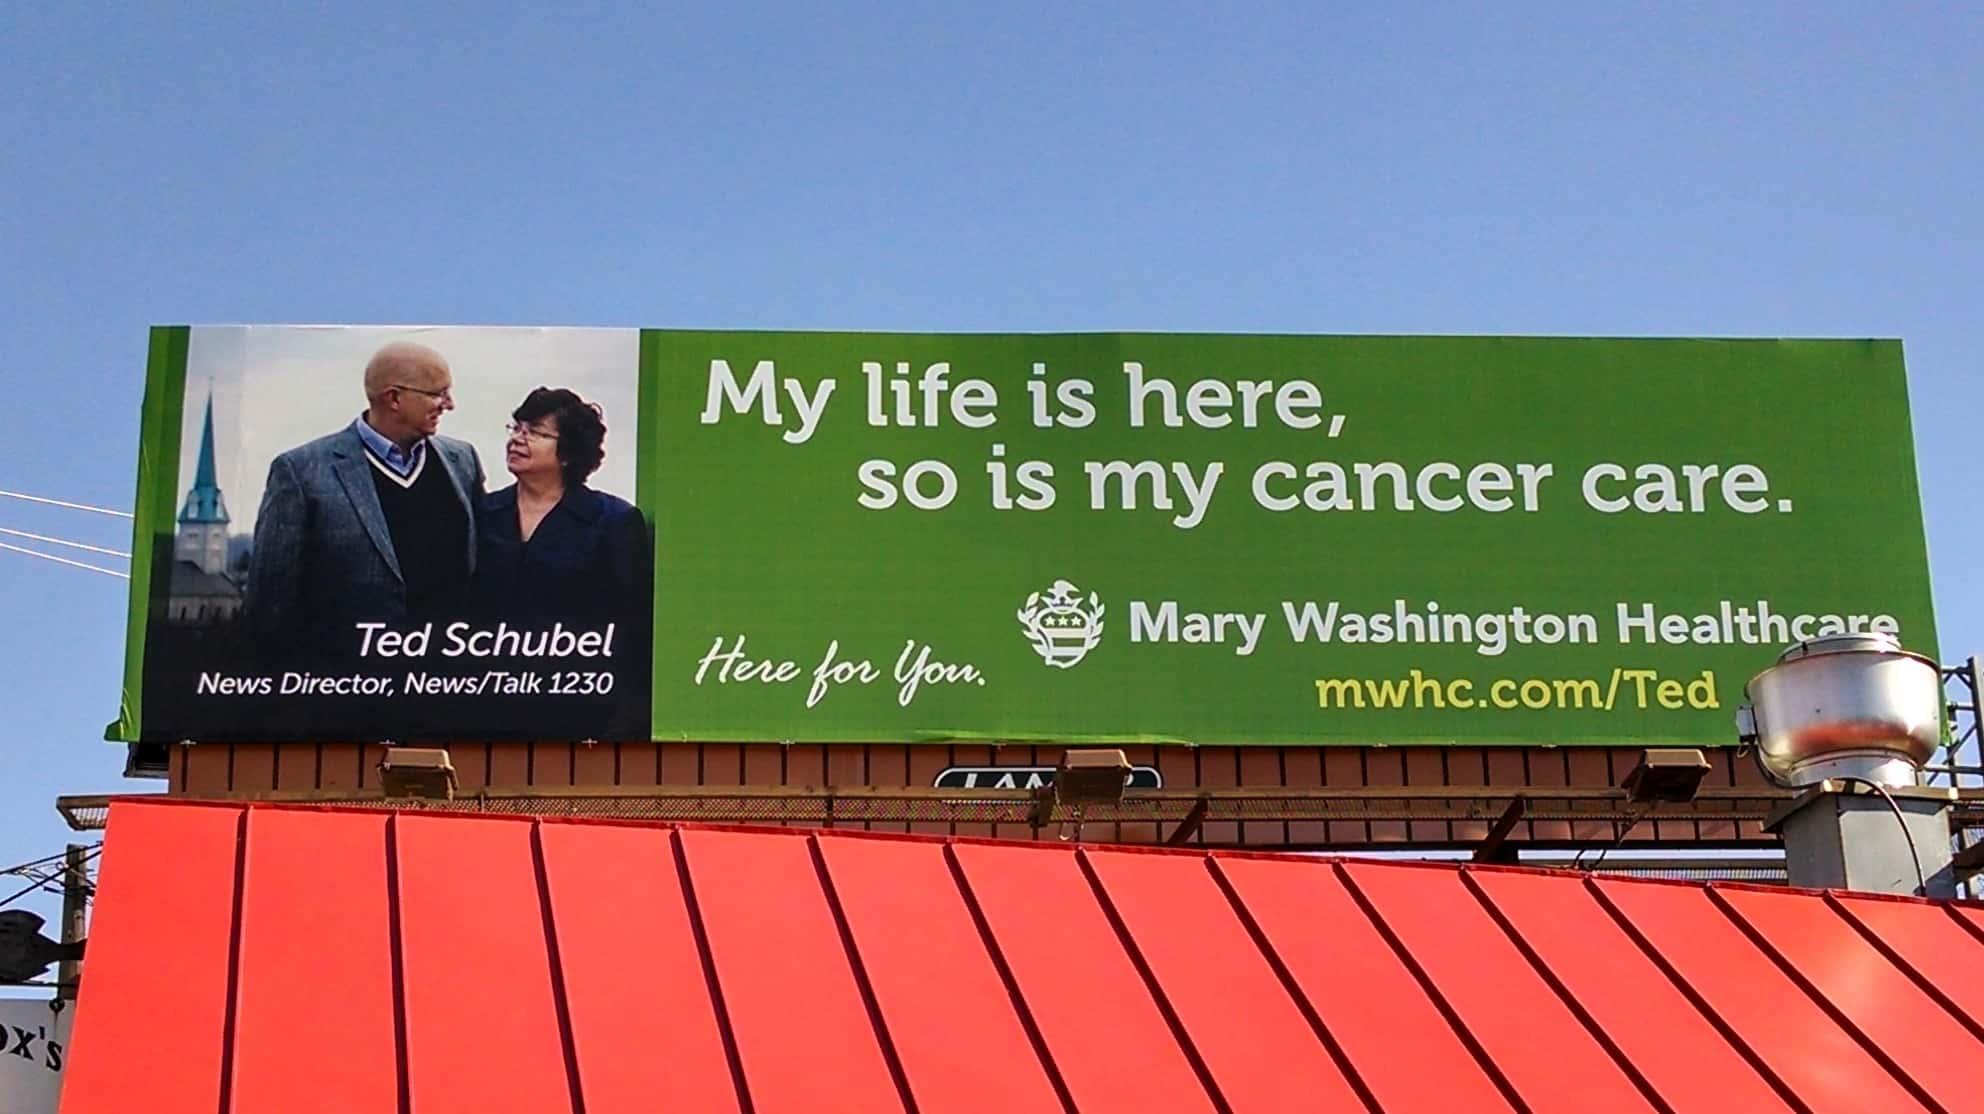 Ted's Billboard